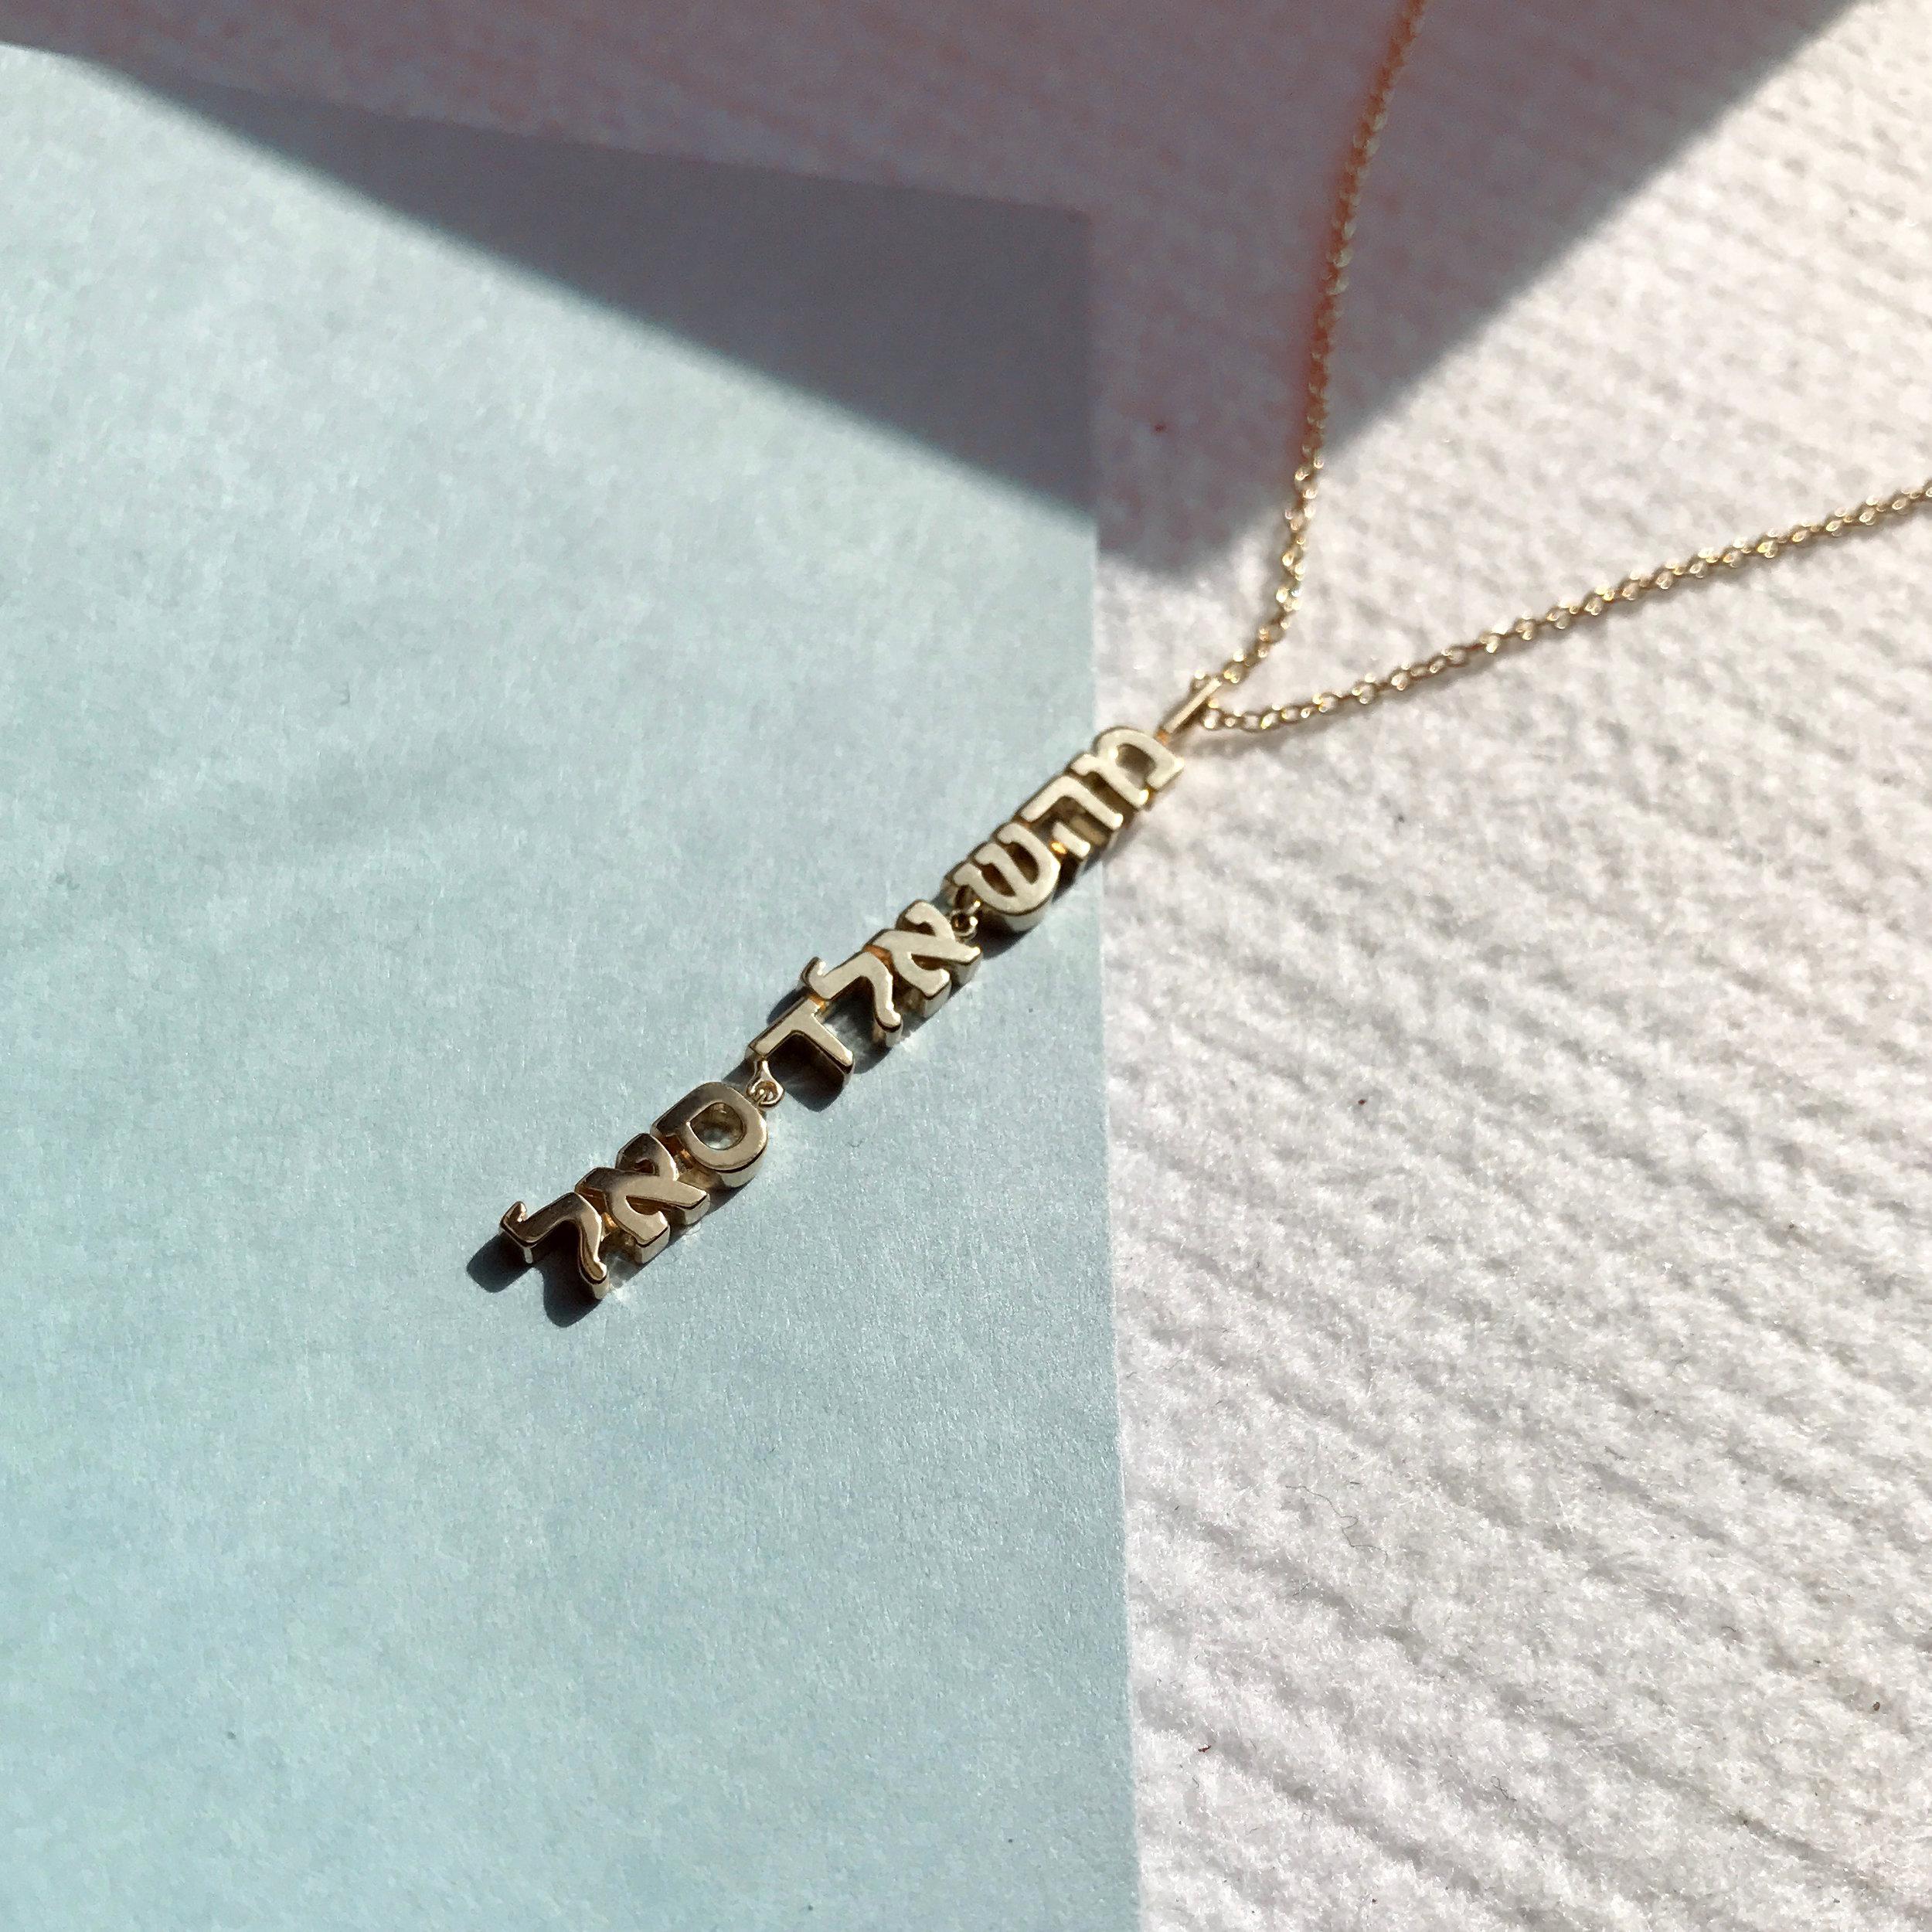 KANAREK Jewelry : Kabbalah God Names Necklace : New York City